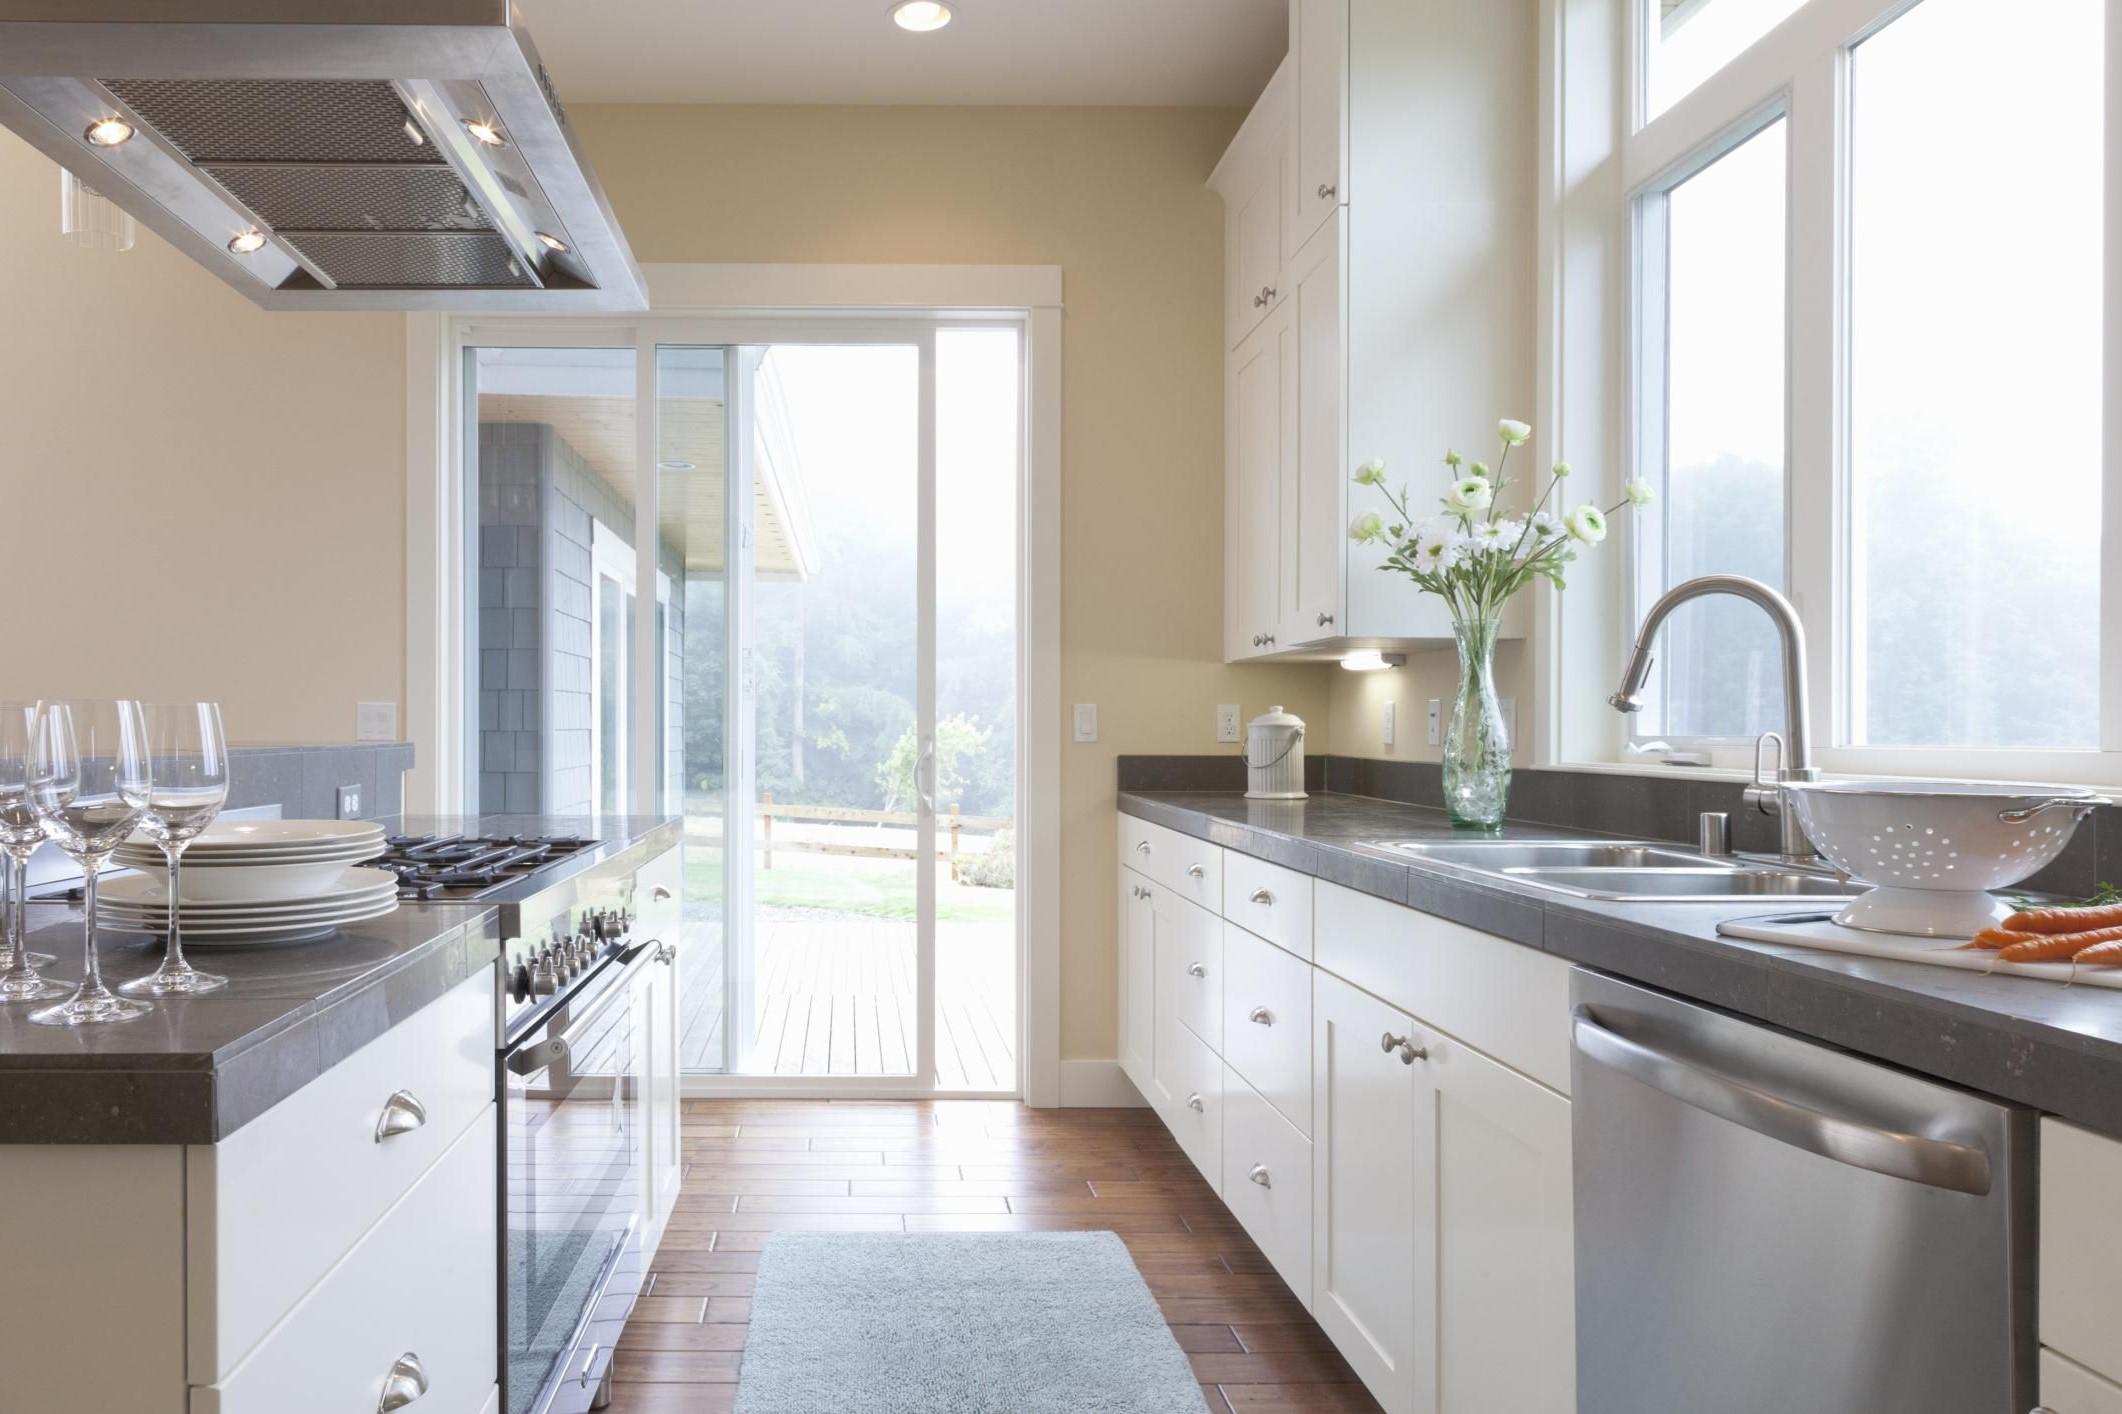 Ces normes de conception sont établies par des études déterminant les dimensions les plus confortables et pratiques pour les résidents moyens pour tous les différents éléments de la construction de maisons.